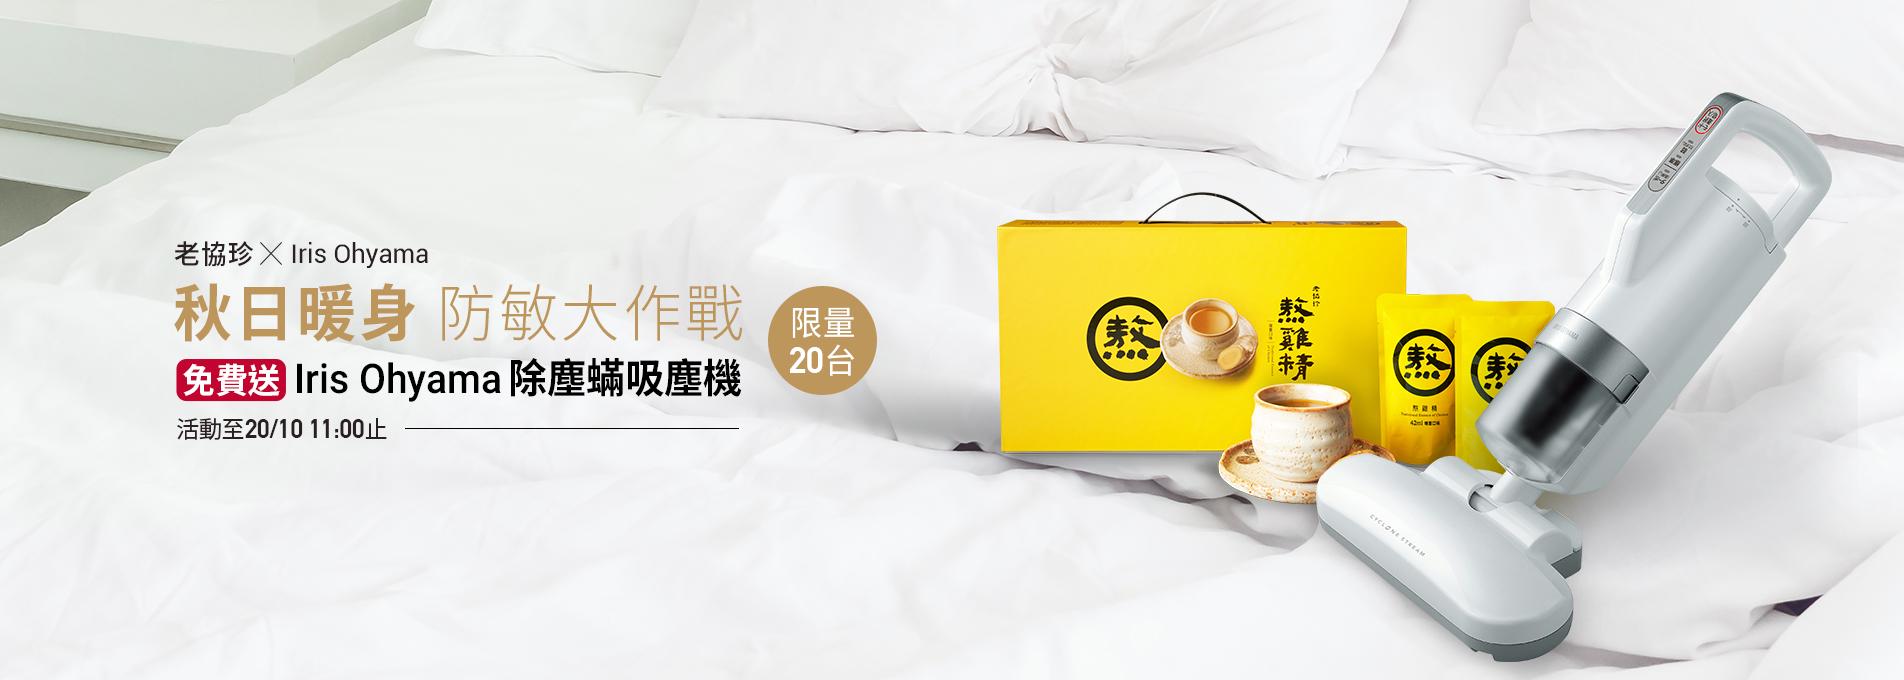 熬雞精禮盒5盒免費送【IRIS除塵蟎吸塵機】